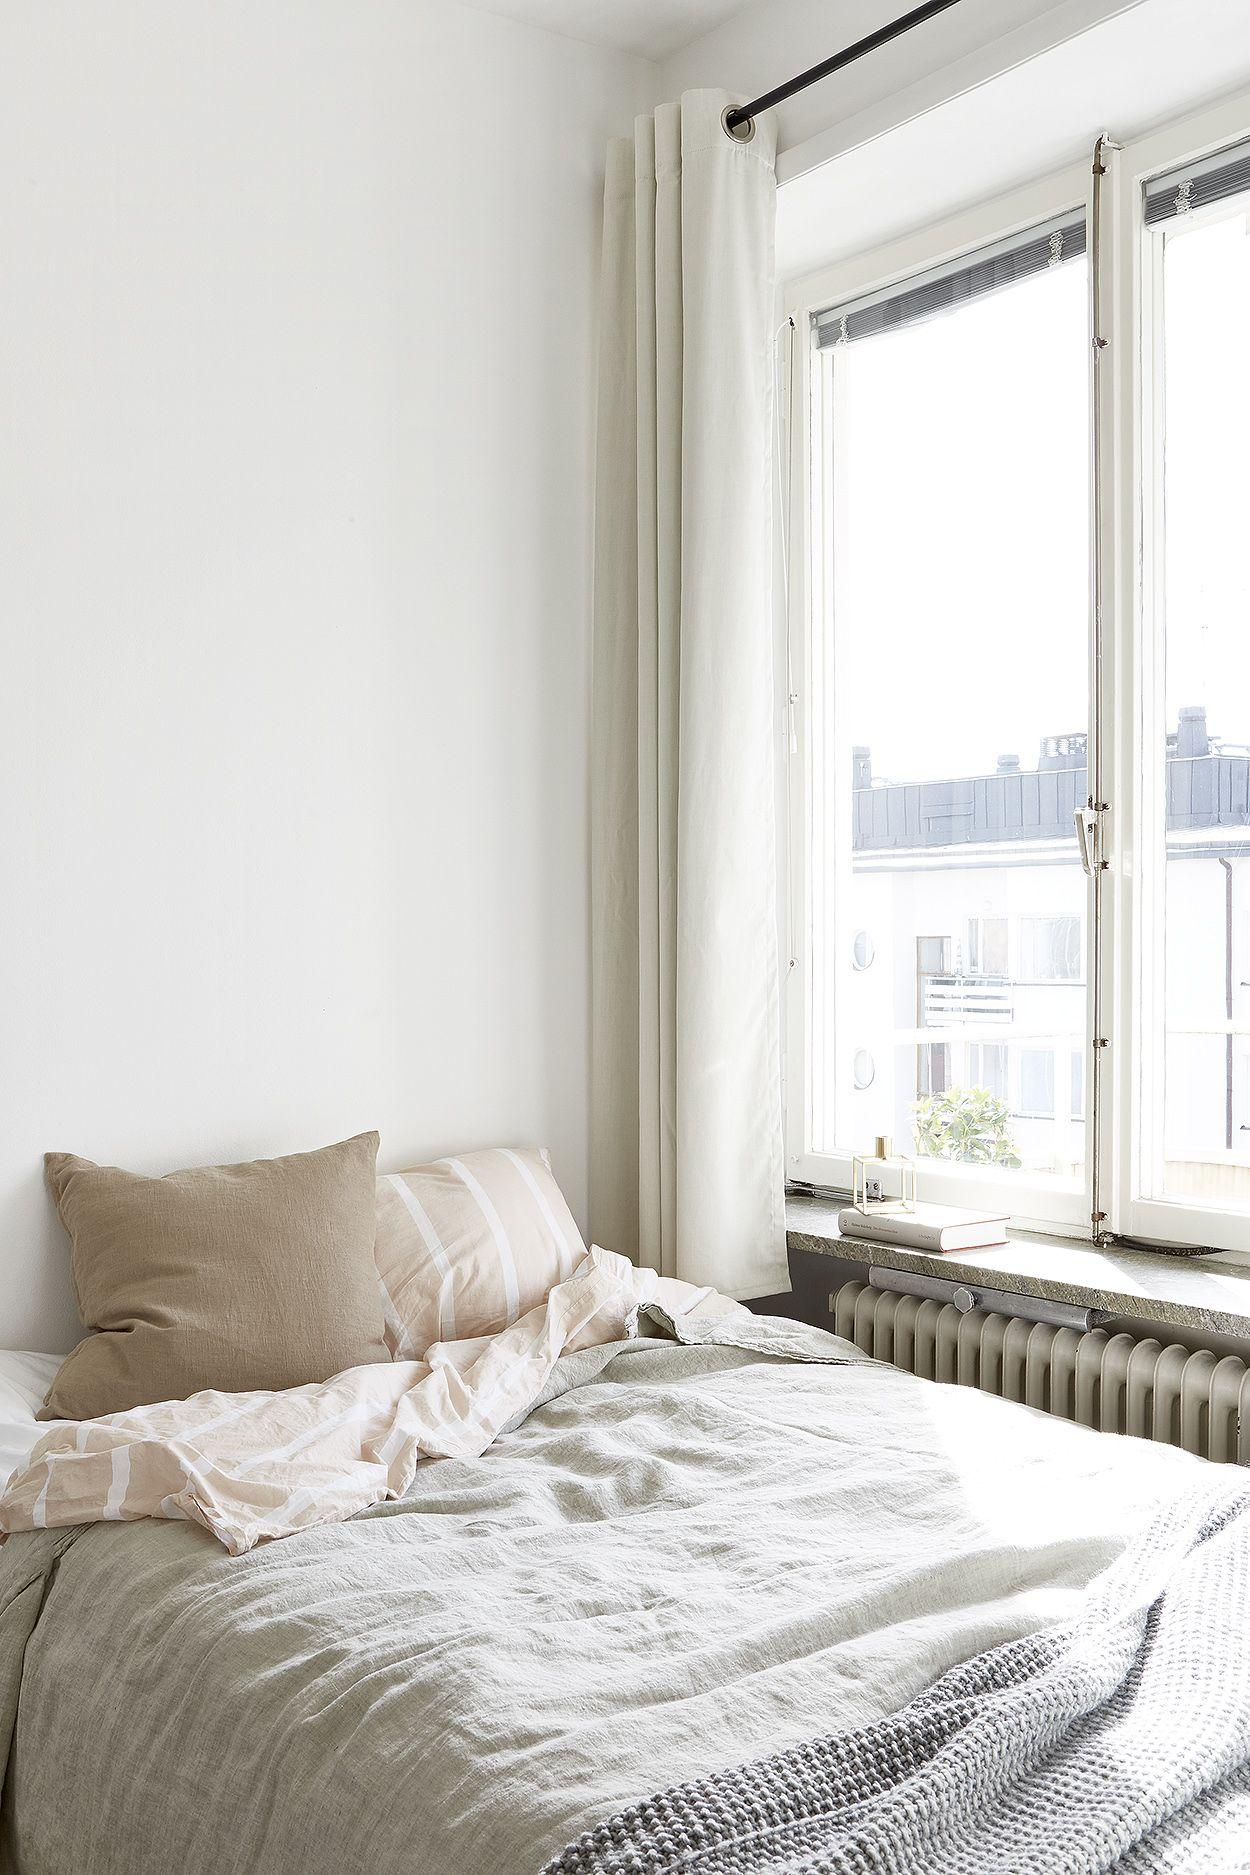 Bedroom Stockholm interior Scandinavian Furusundsgatan 14, 6 tr. | Fantastic Frank